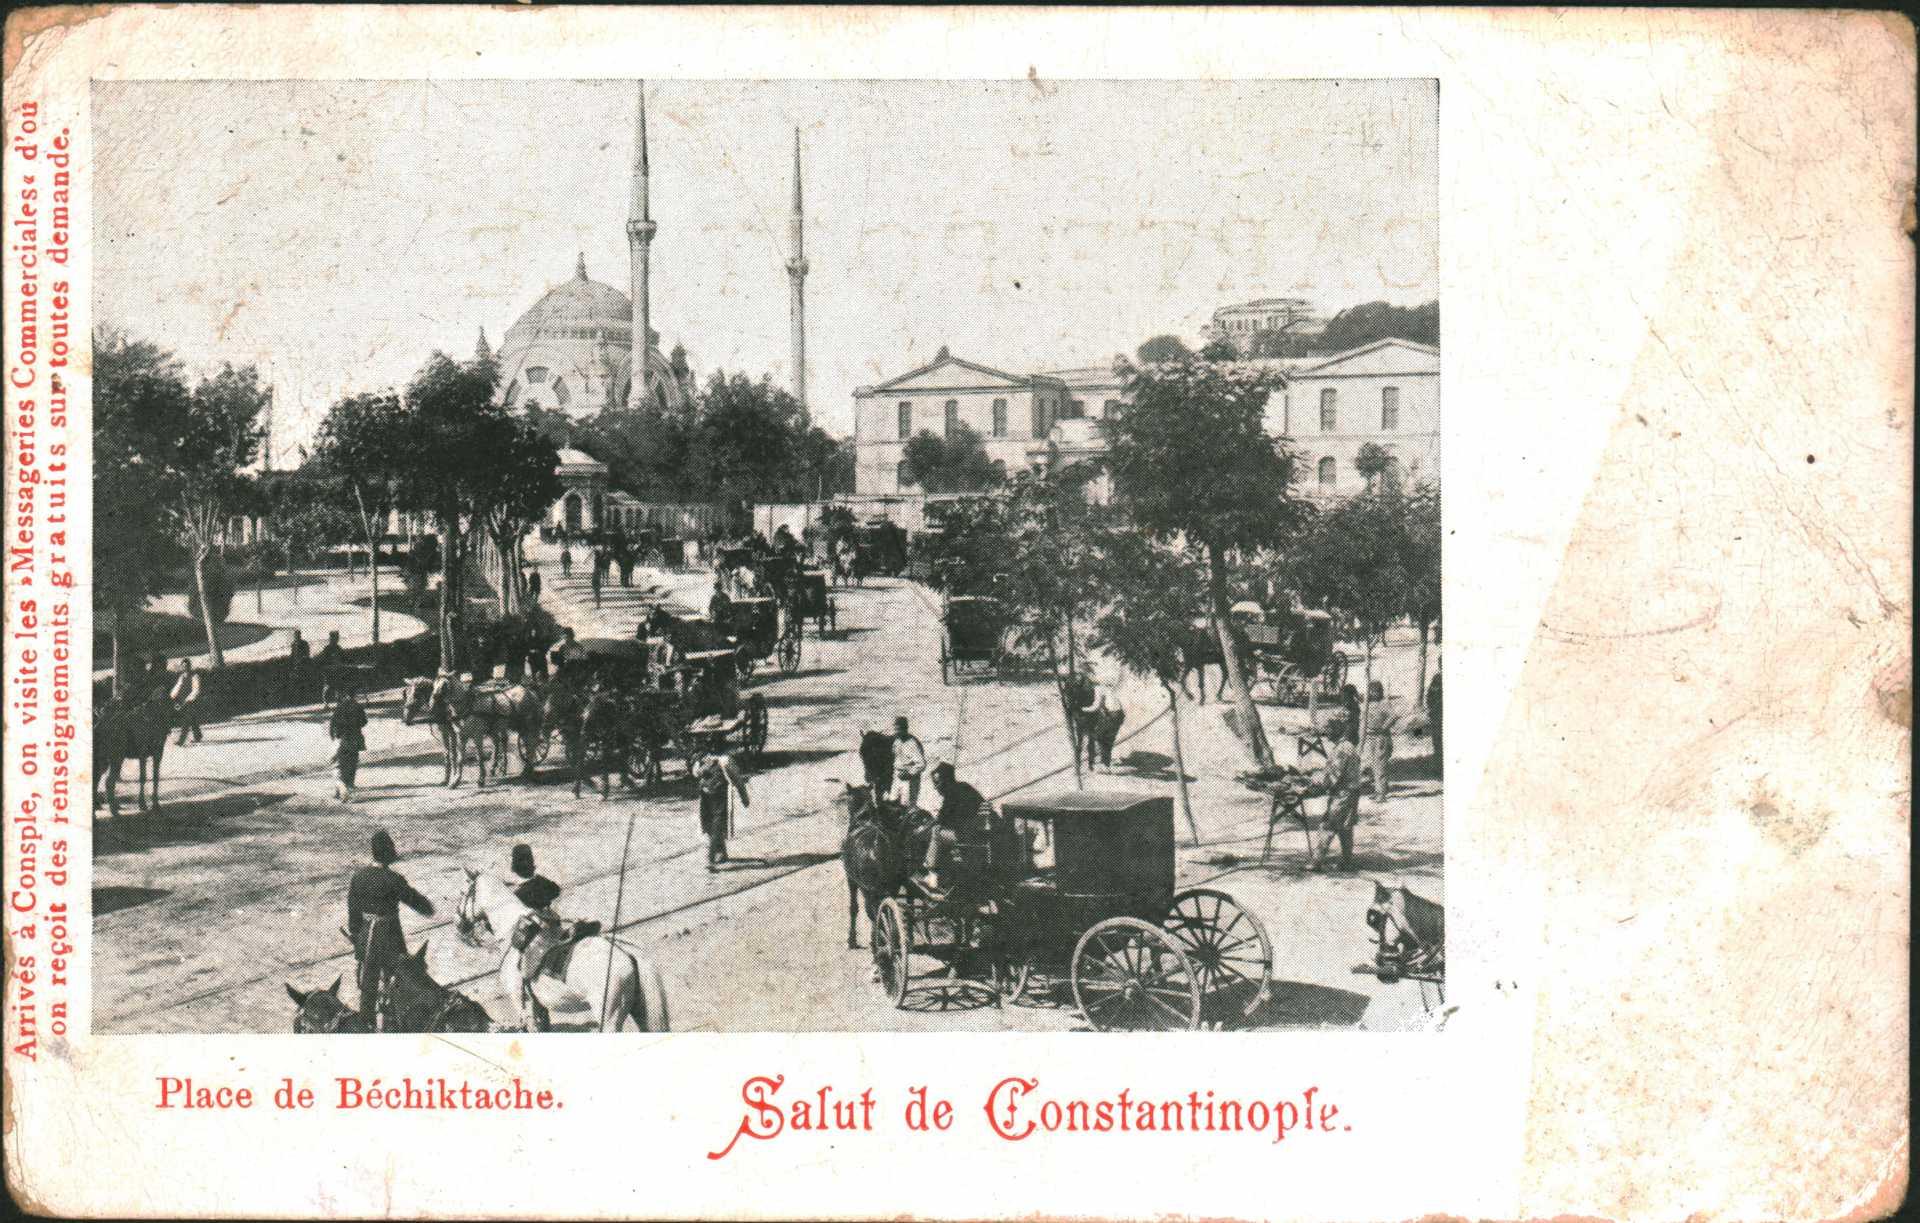 Salut de Constantinople. Place de Bechiktache